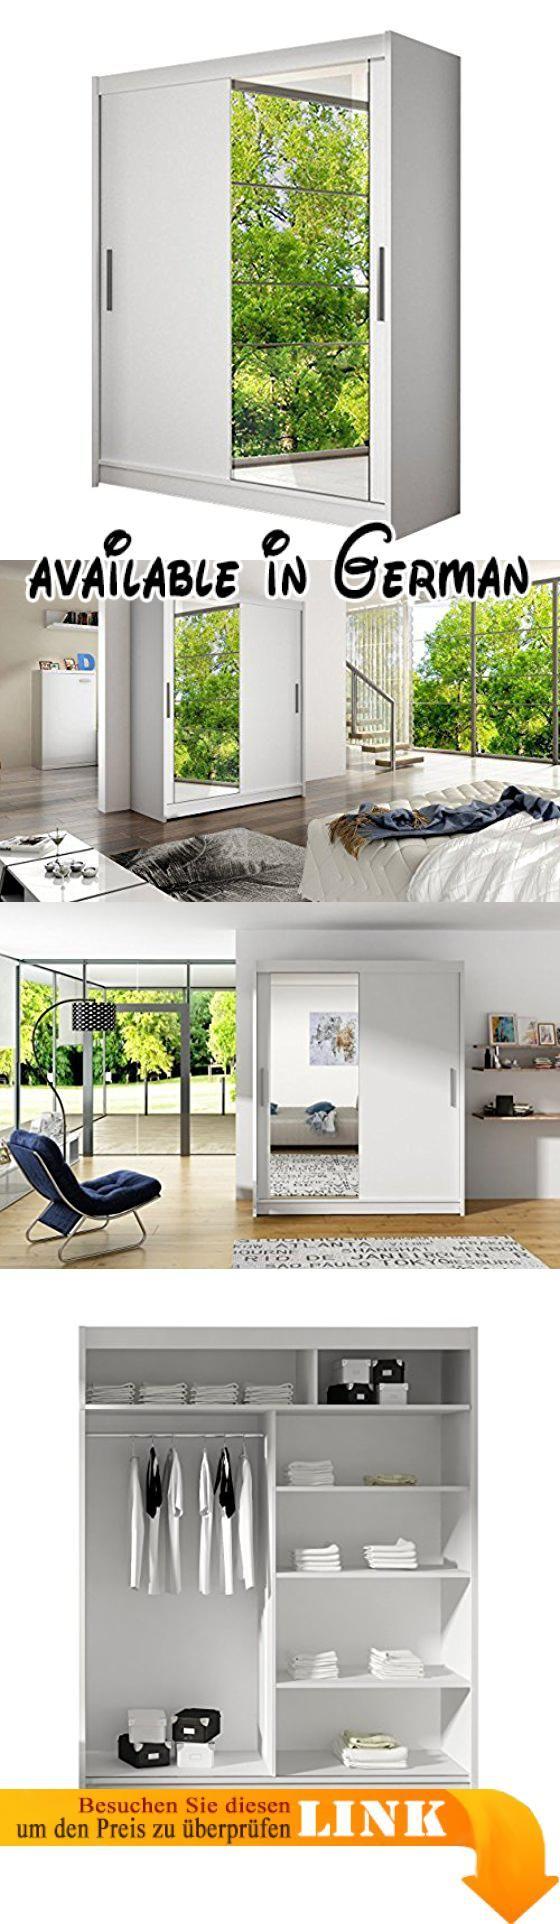 B075WVDZRC : Schwebetürenschrank Presto VI Kleiderschrank mit Spiegel Modernes Schlafzimmerschrank Schiebetürenschrank Garderobe Schlafzimmer (Weiß). Modernes Design & Hochwertige Qualität. Schiebtürensystem mit Gleitschienen aus Aluminium. Mit Kleiderstange und geräumigen Einlegeplatten ausgestattet. Garantiert viel Stauraum. Die Möbel werden in Paketen mit Montageanleitung zum Selbstaufbau bis zur ersten Tür geliefert. Unsere Spedition bietet keinen Montageservice